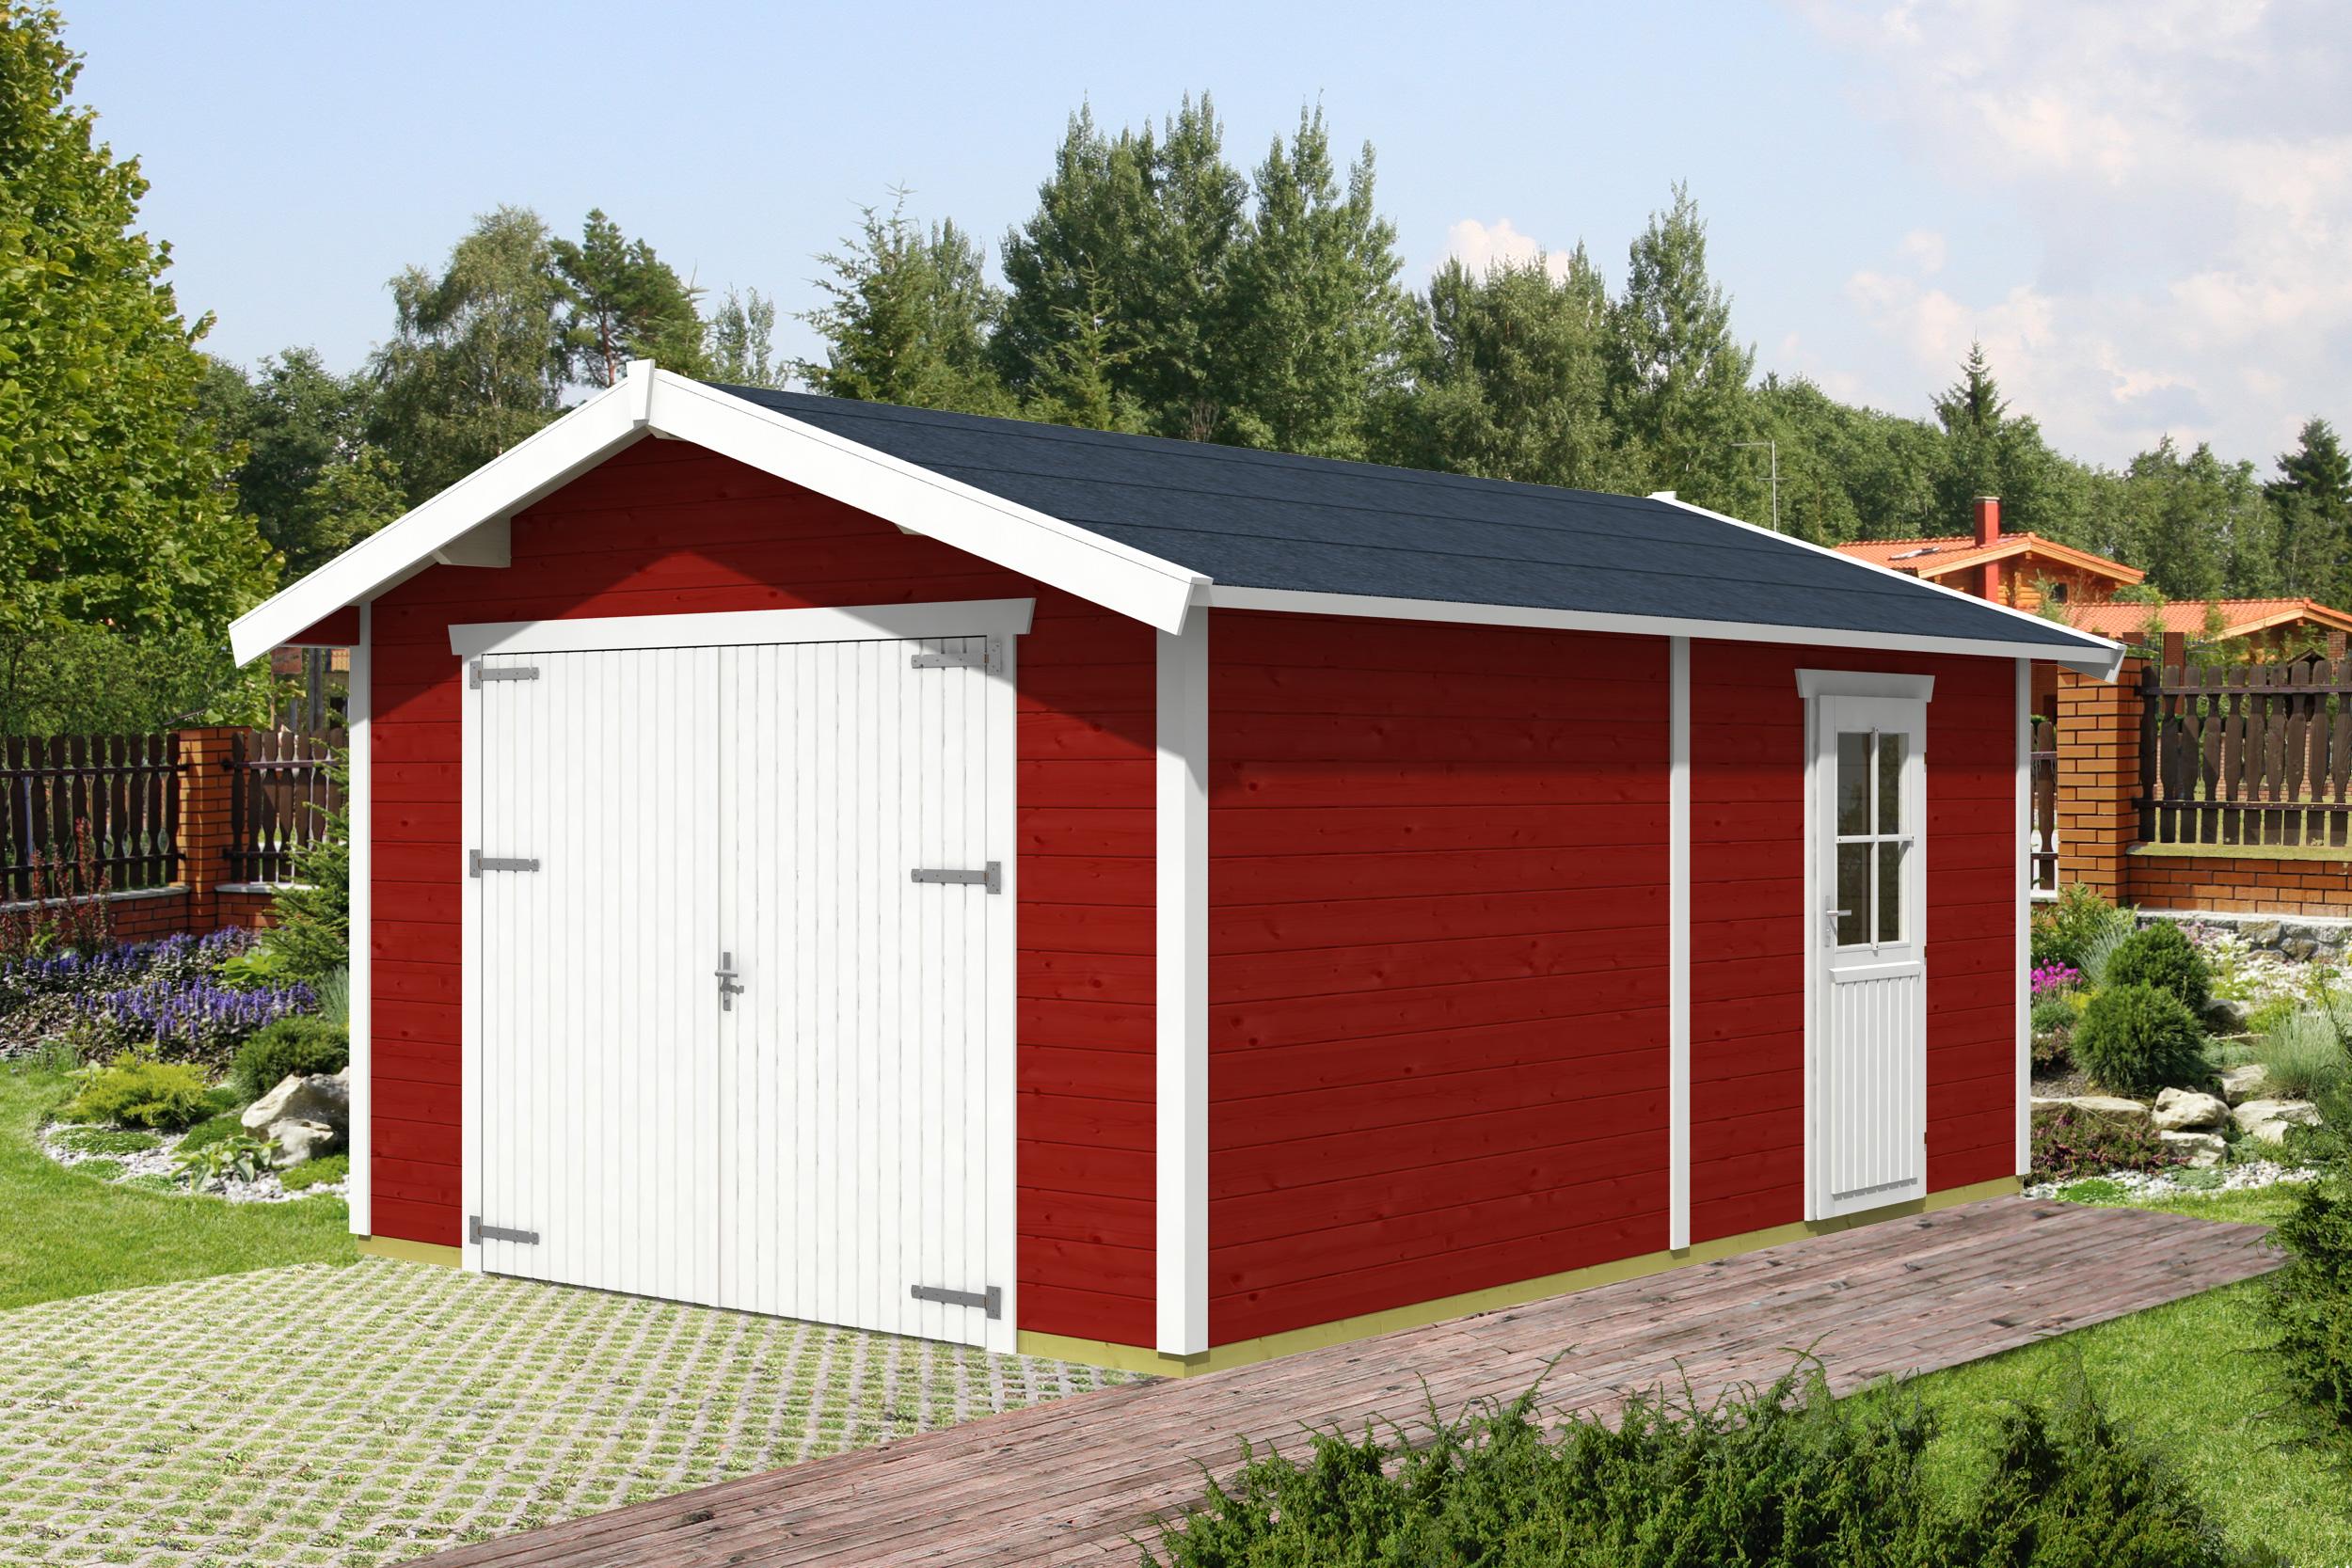 45 mm blockbohlen garagen skan holz. Black Bedroom Furniture Sets. Home Design Ideas